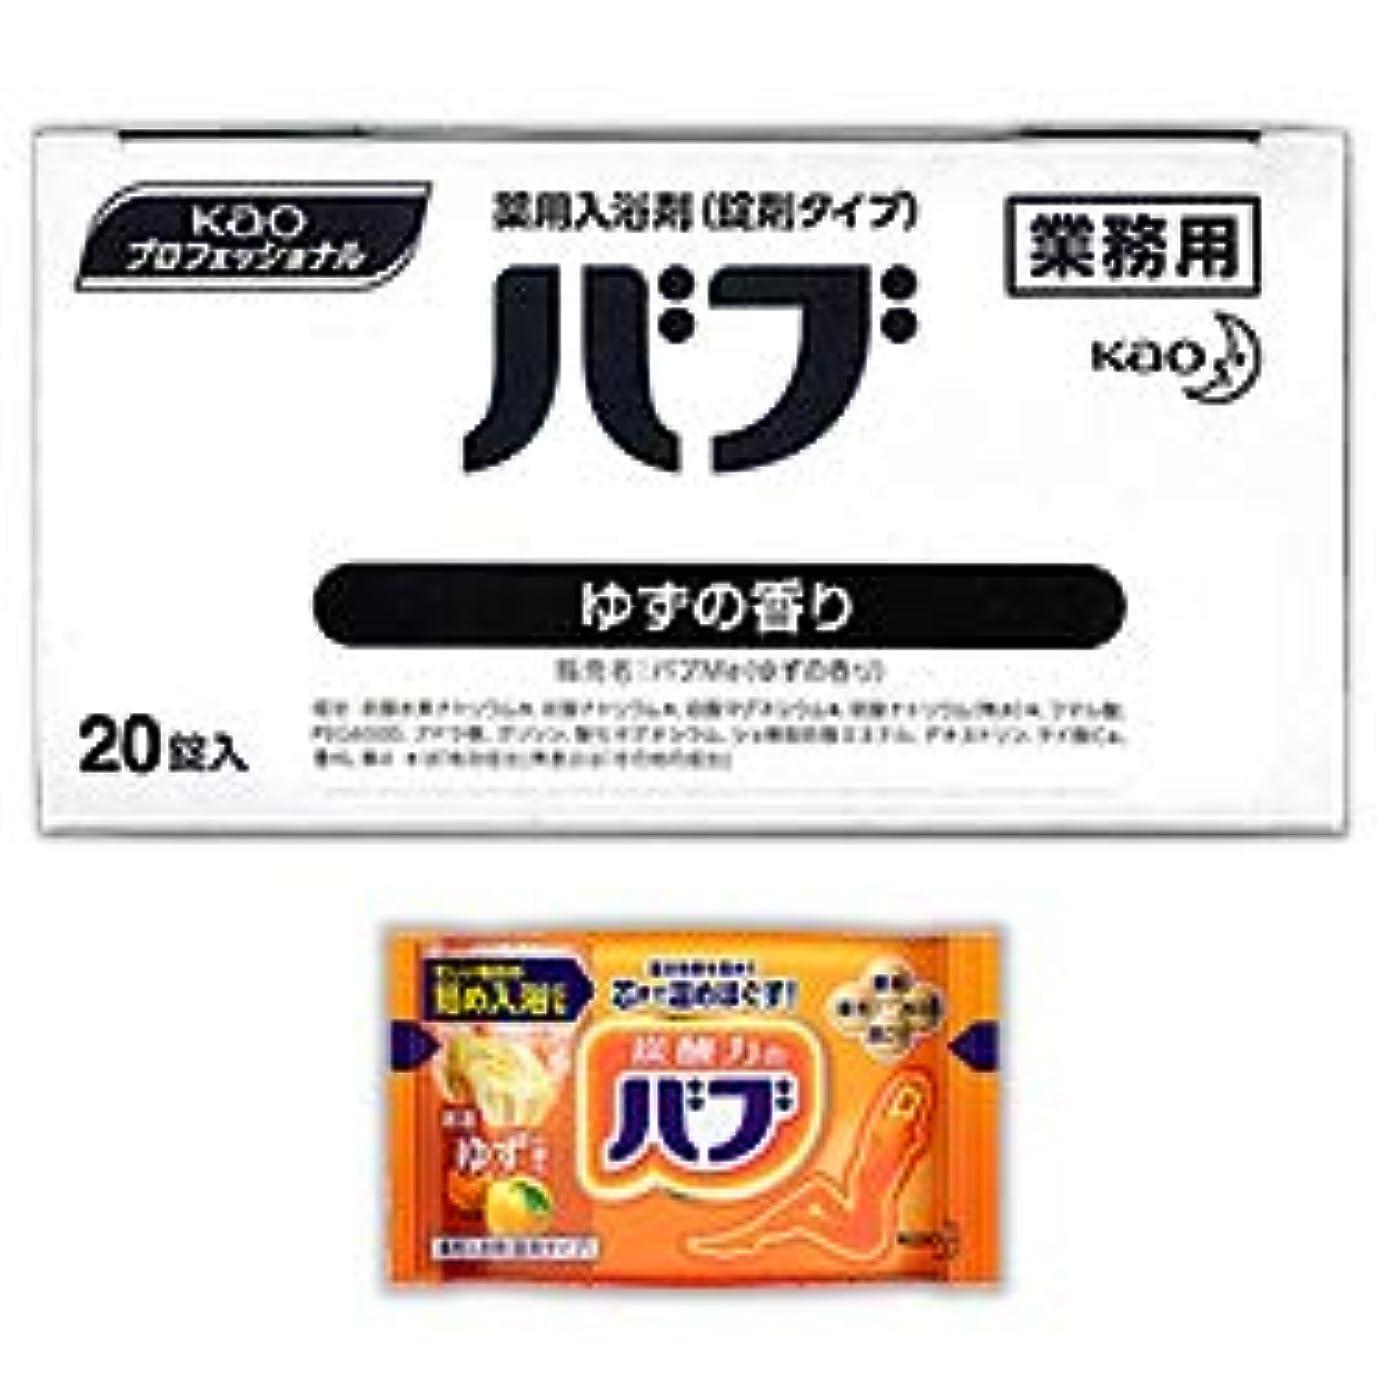 廃止南置き場【花王】Kaoプロフェッショナル バブ ゆずの香り(業務用) 40g×20錠入 ×5個セット